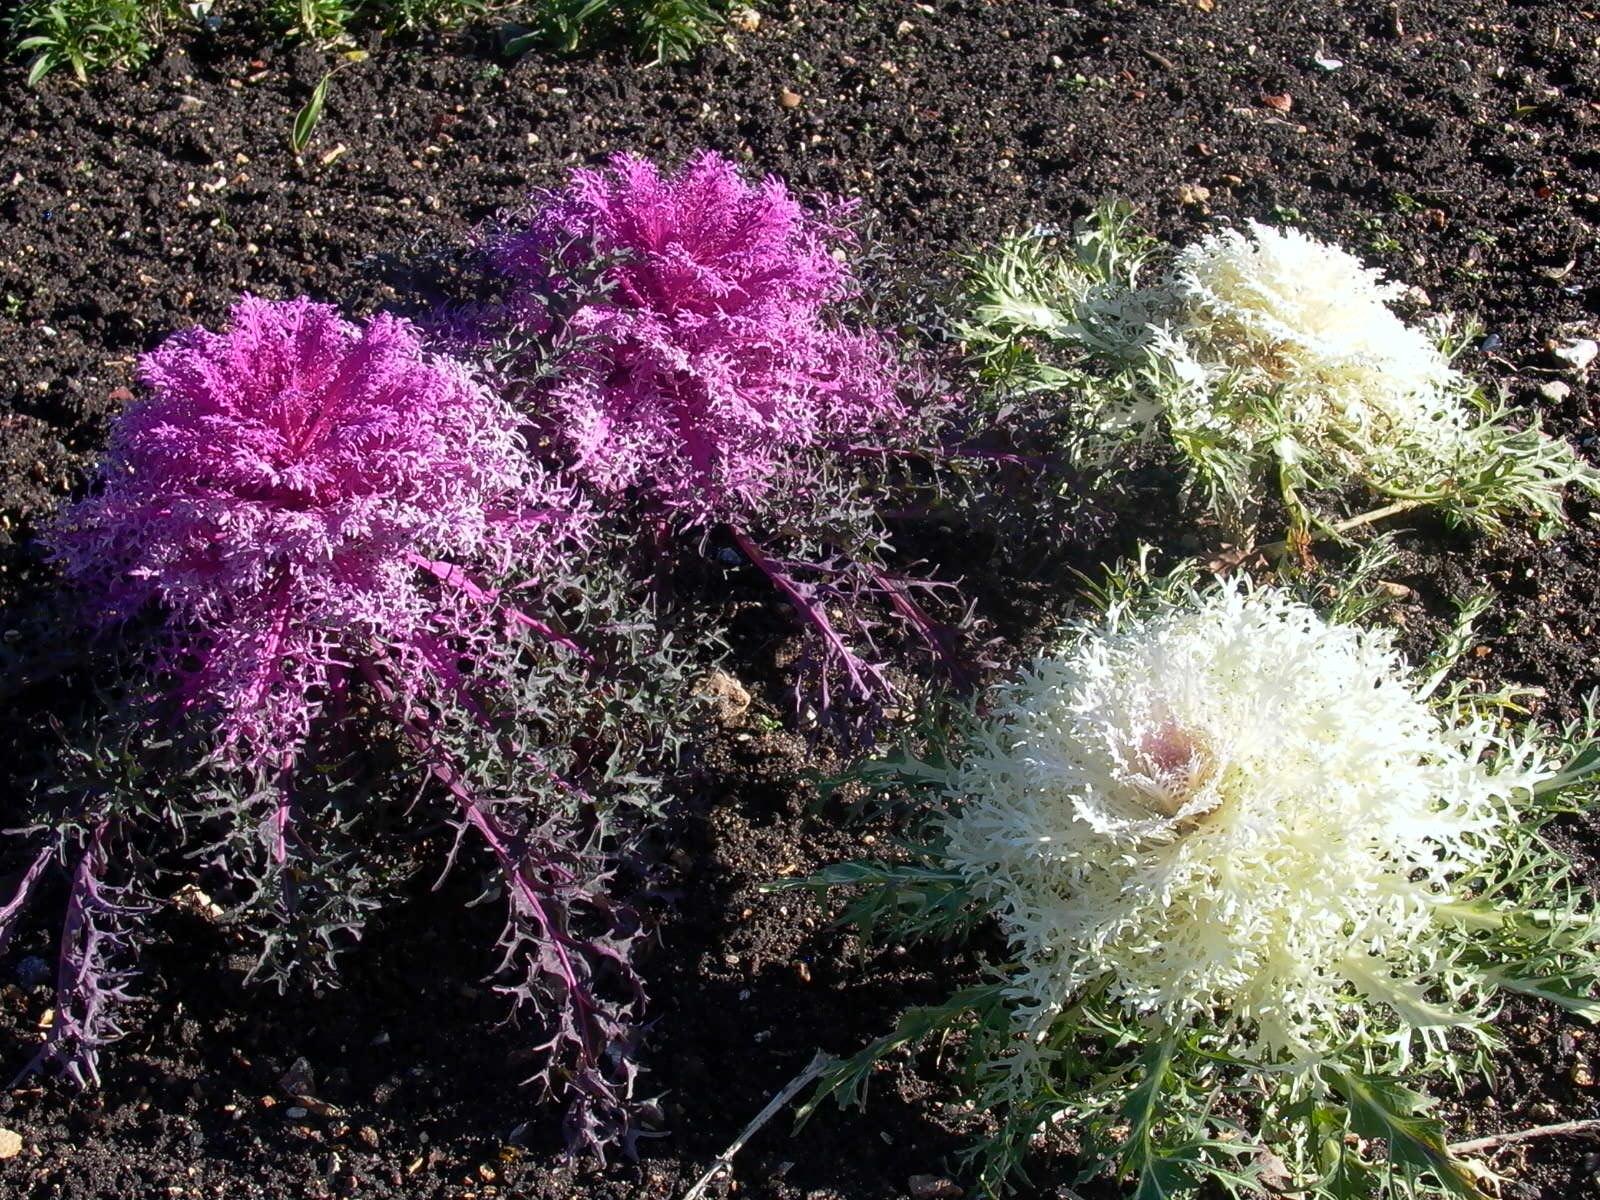 Du potager au jardin le chou d coratif prend des couleurs for Au jardin des couleurs